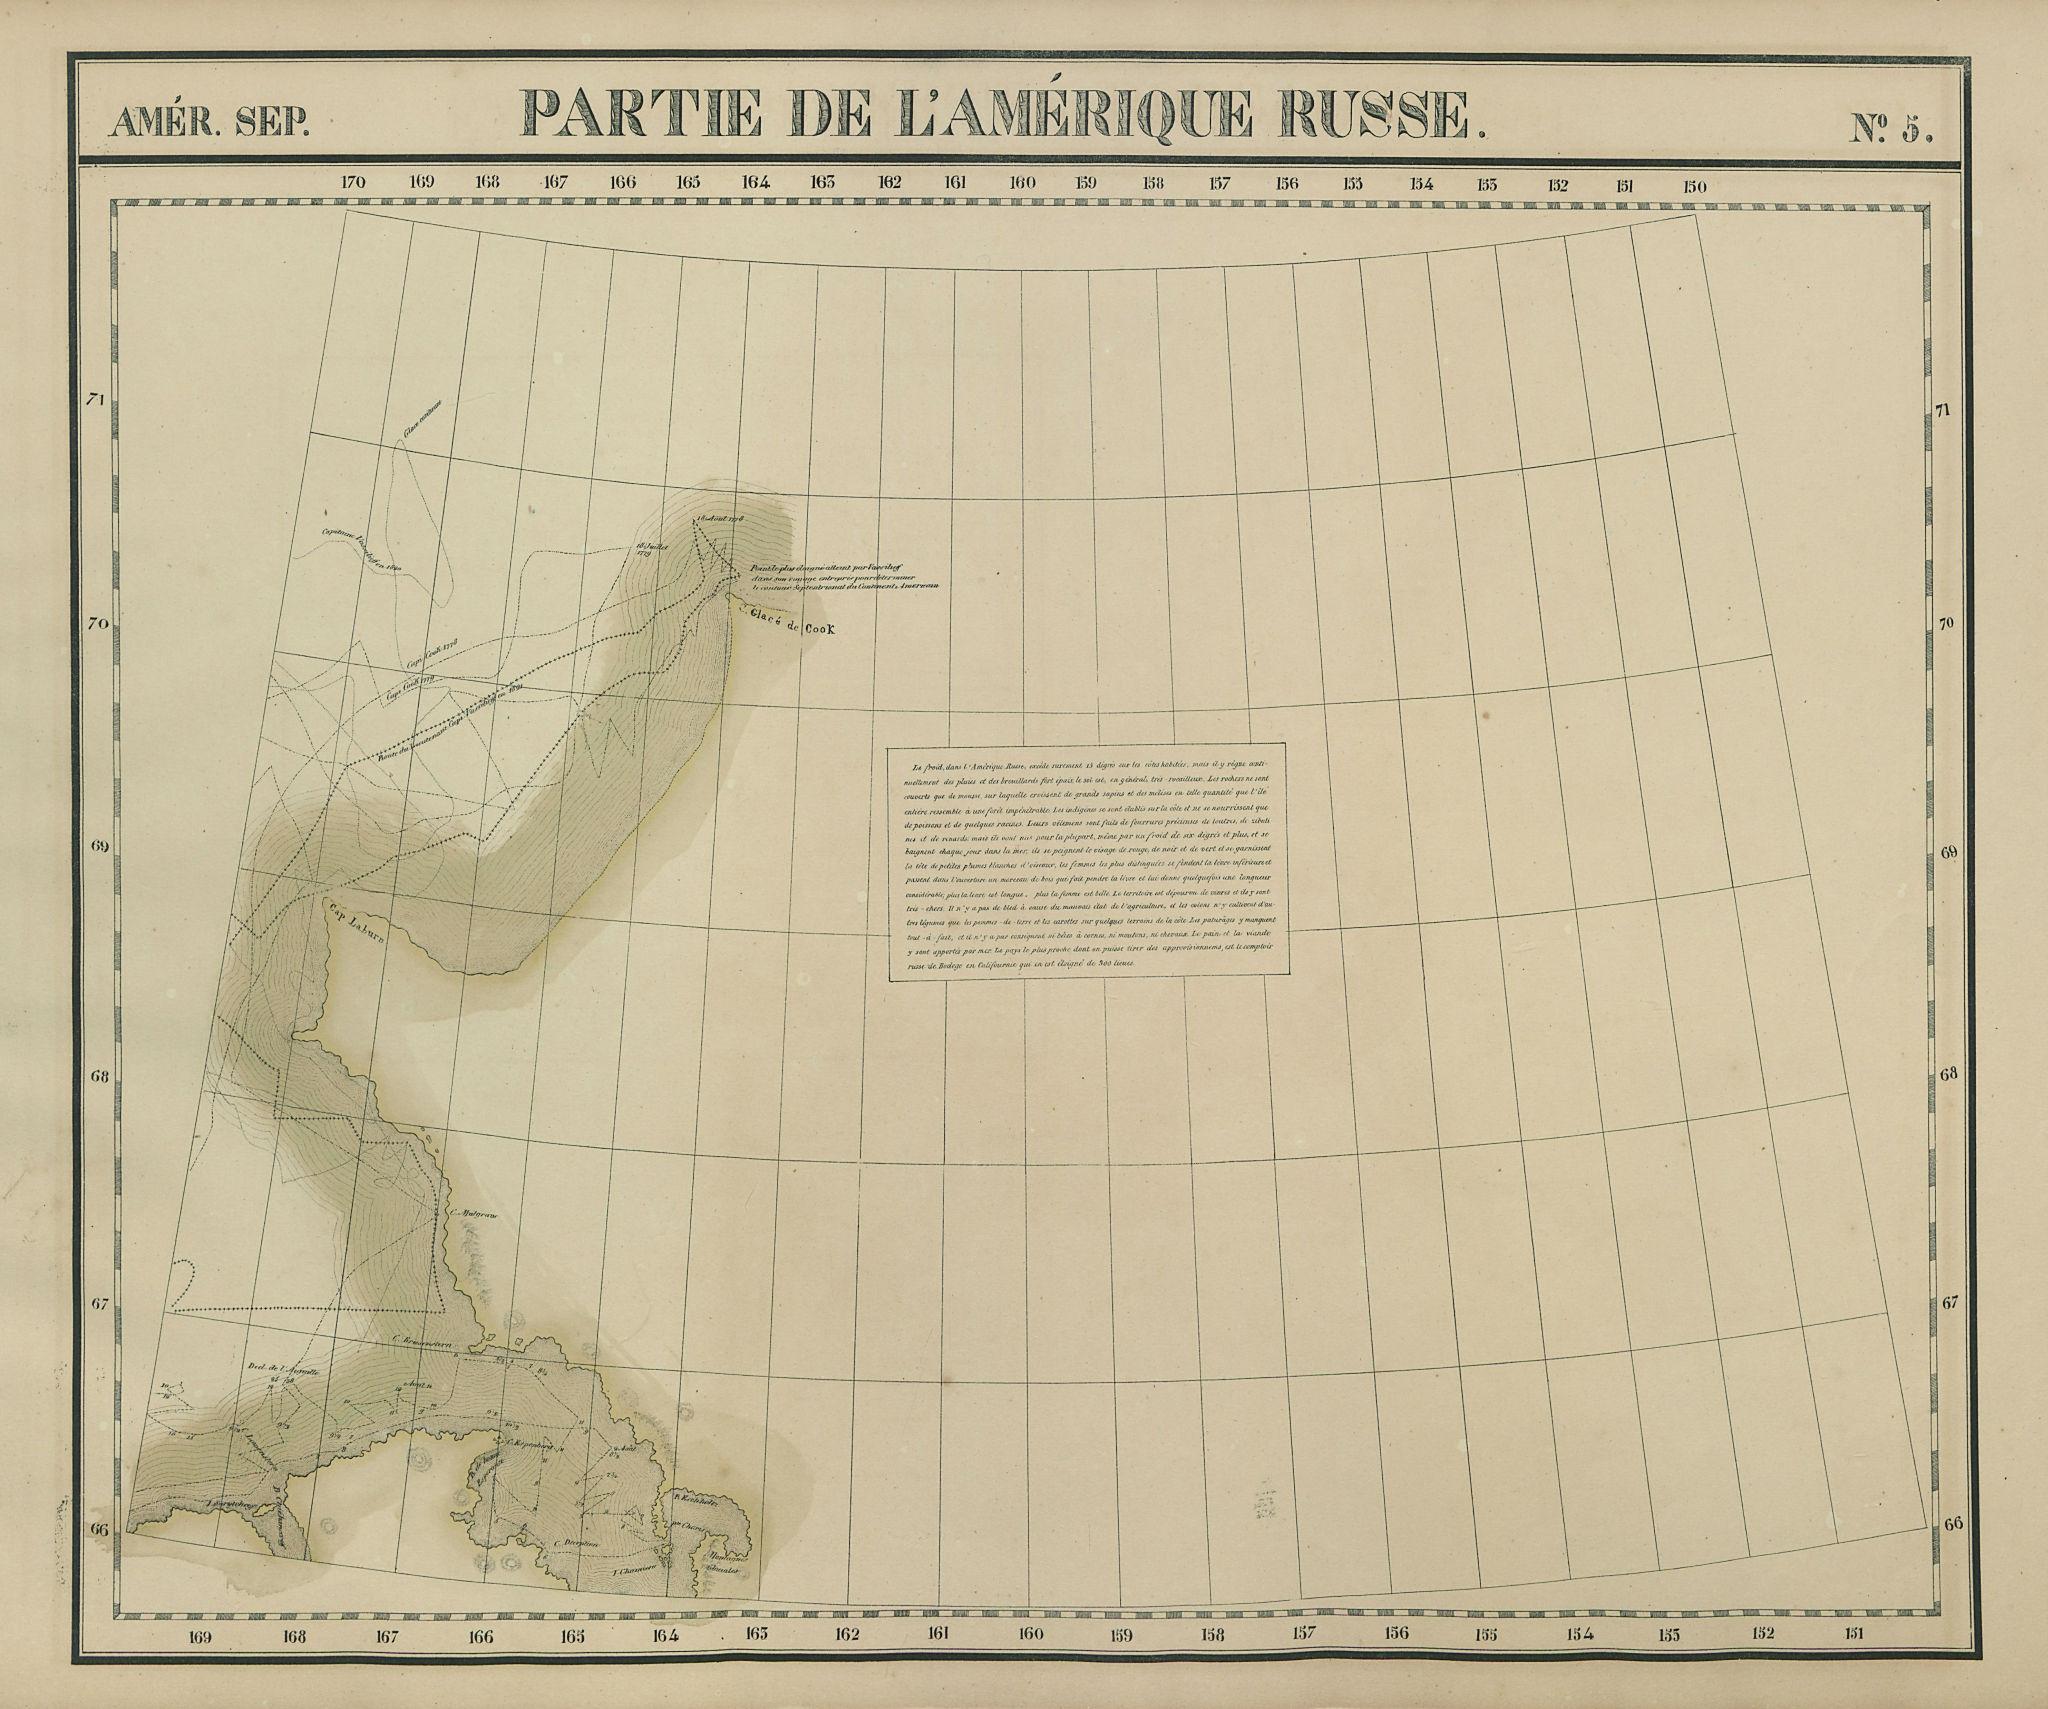 Amér. Sep. Partie de l'Amérique Russe #5 North west Alaska VANDERMAELEN 1827 map